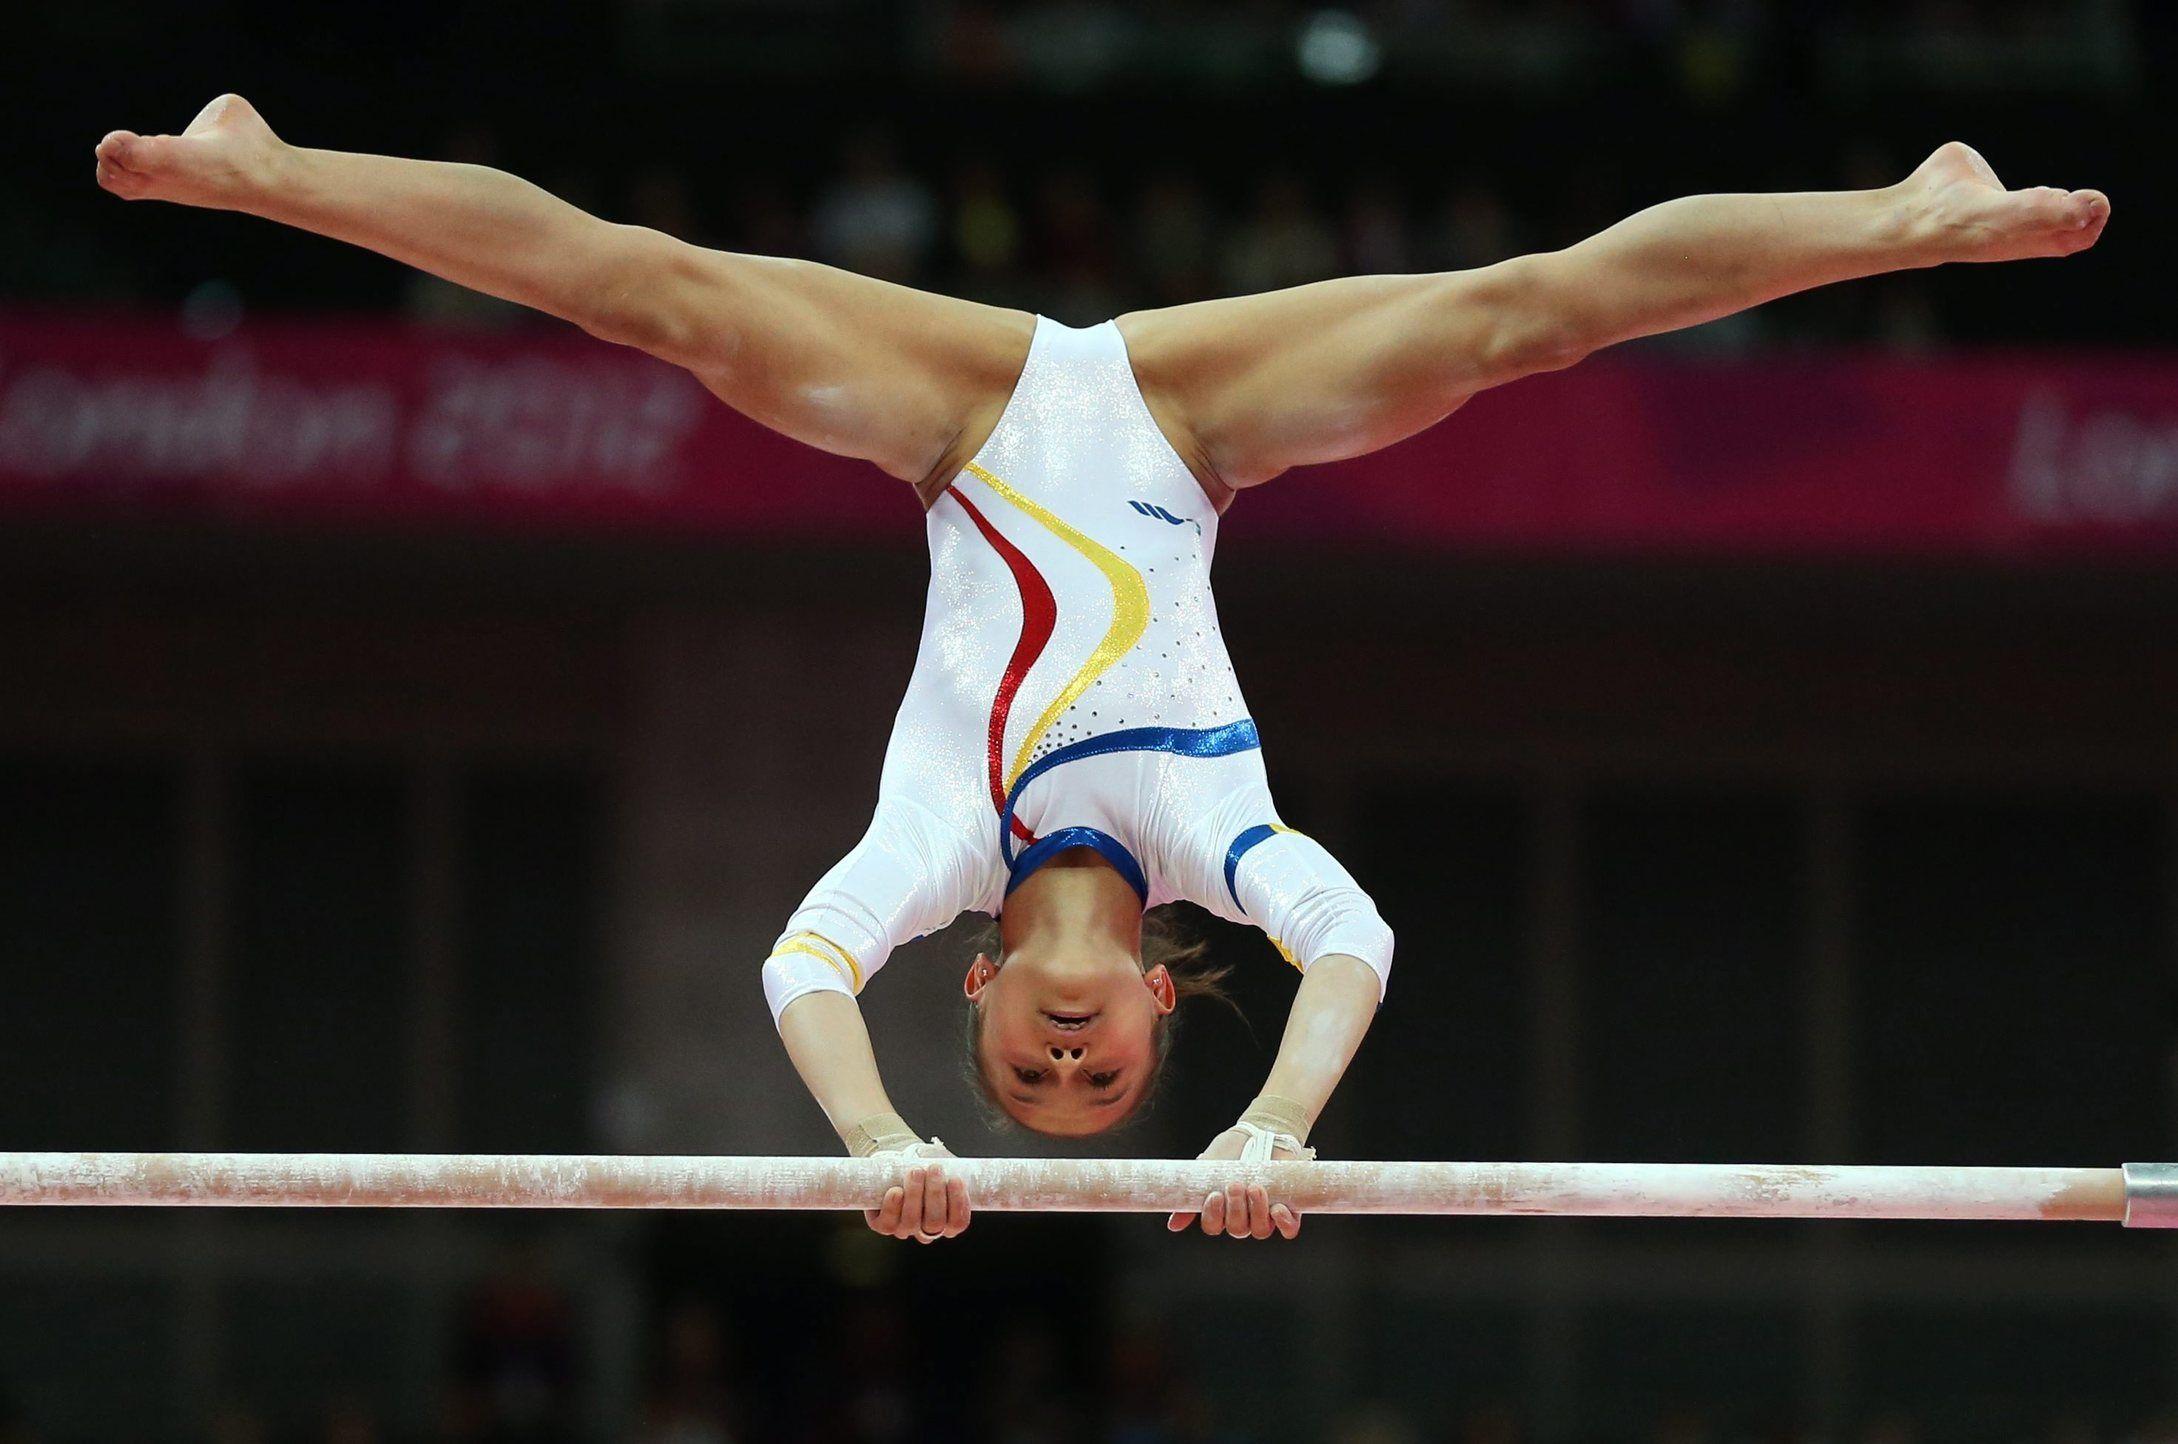 картинки про спорт гимнастика может быть лучше